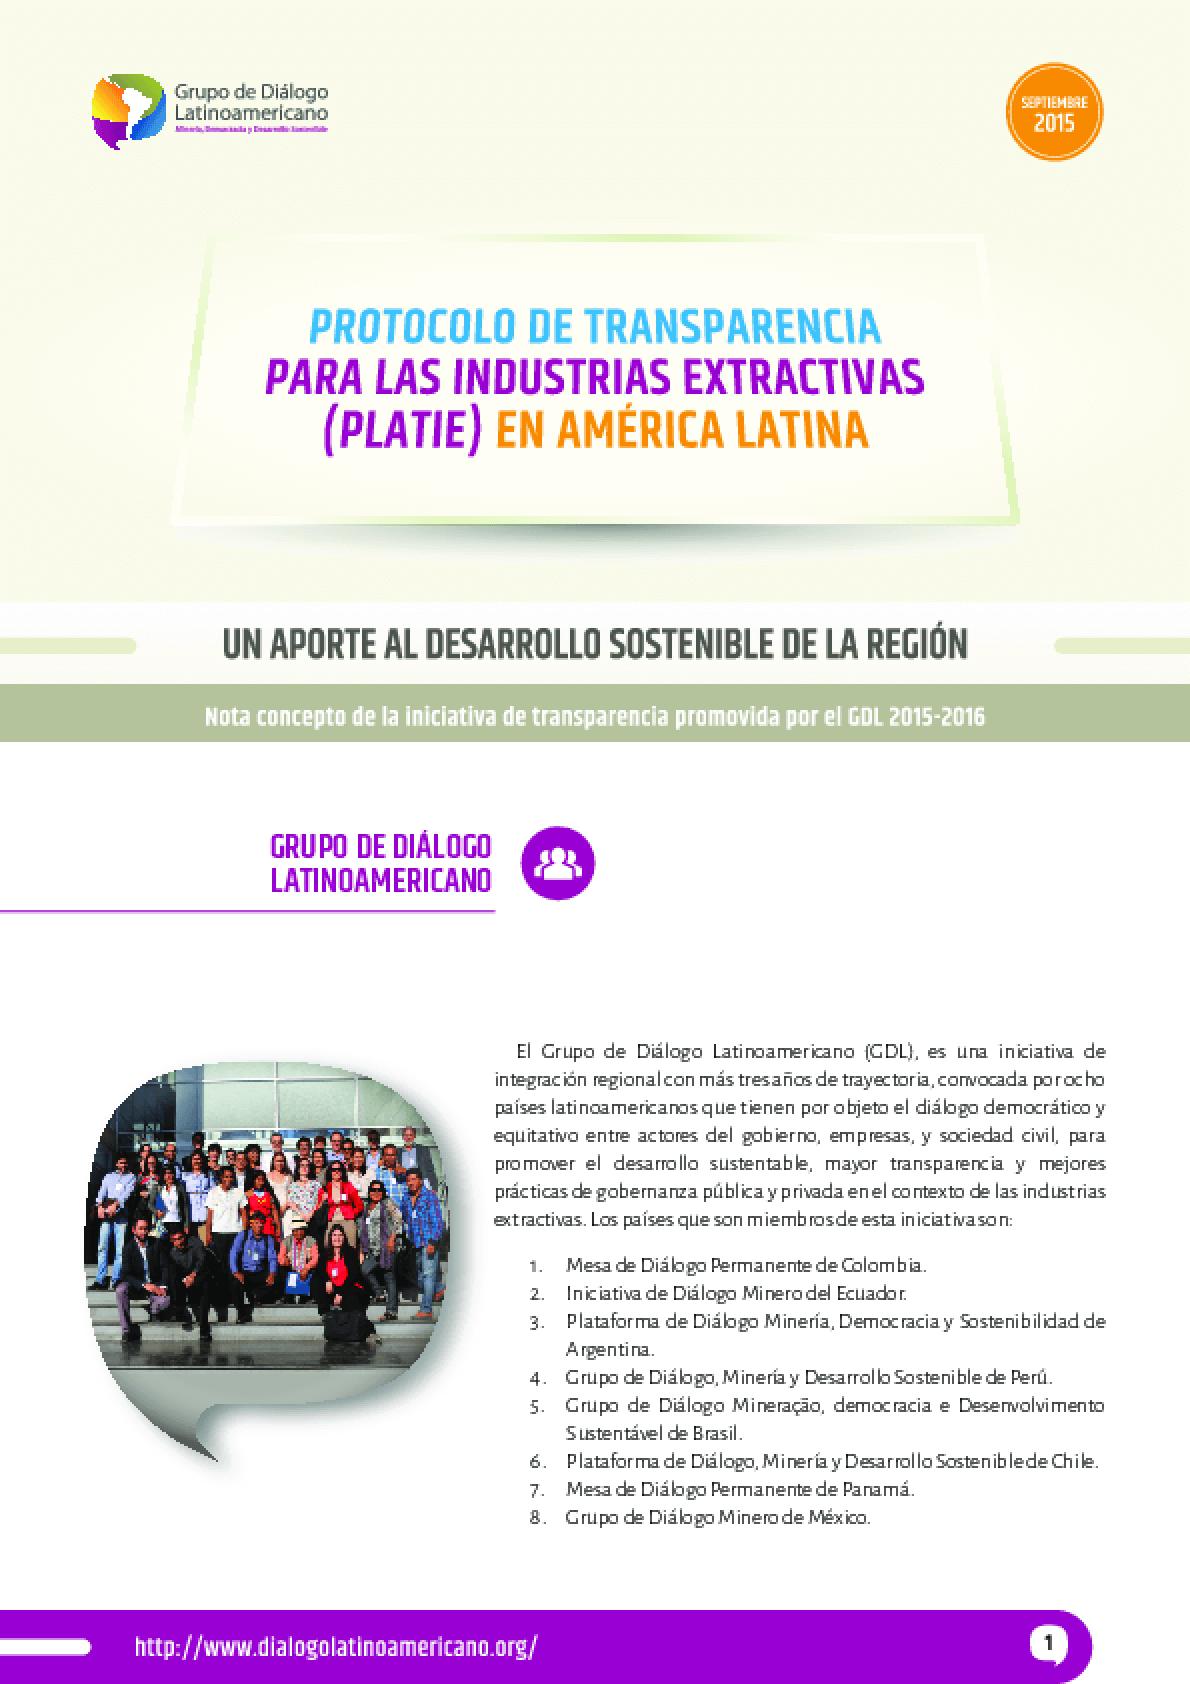 Nota concepto: Protocolo Latinoamericano de Transparencia en las Industrias Extractivas (PLATIE)